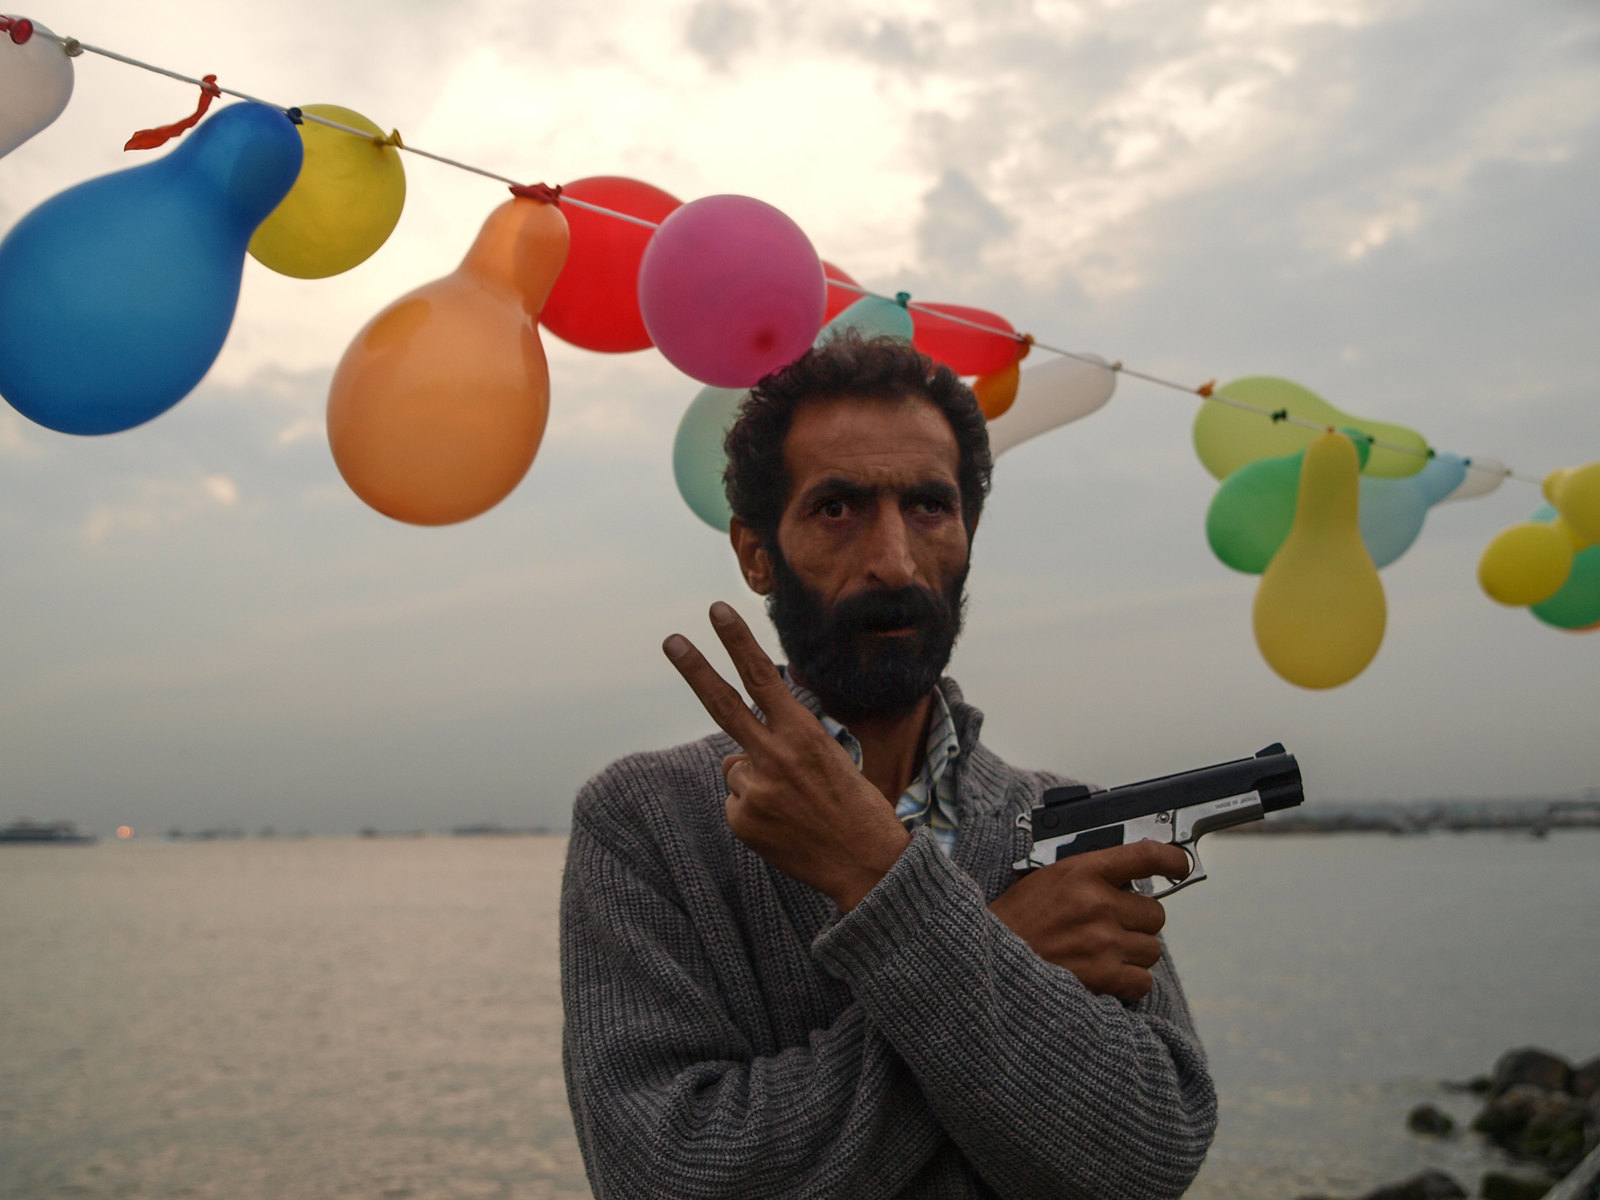 Istanbul - Le tenancier du stand de tir